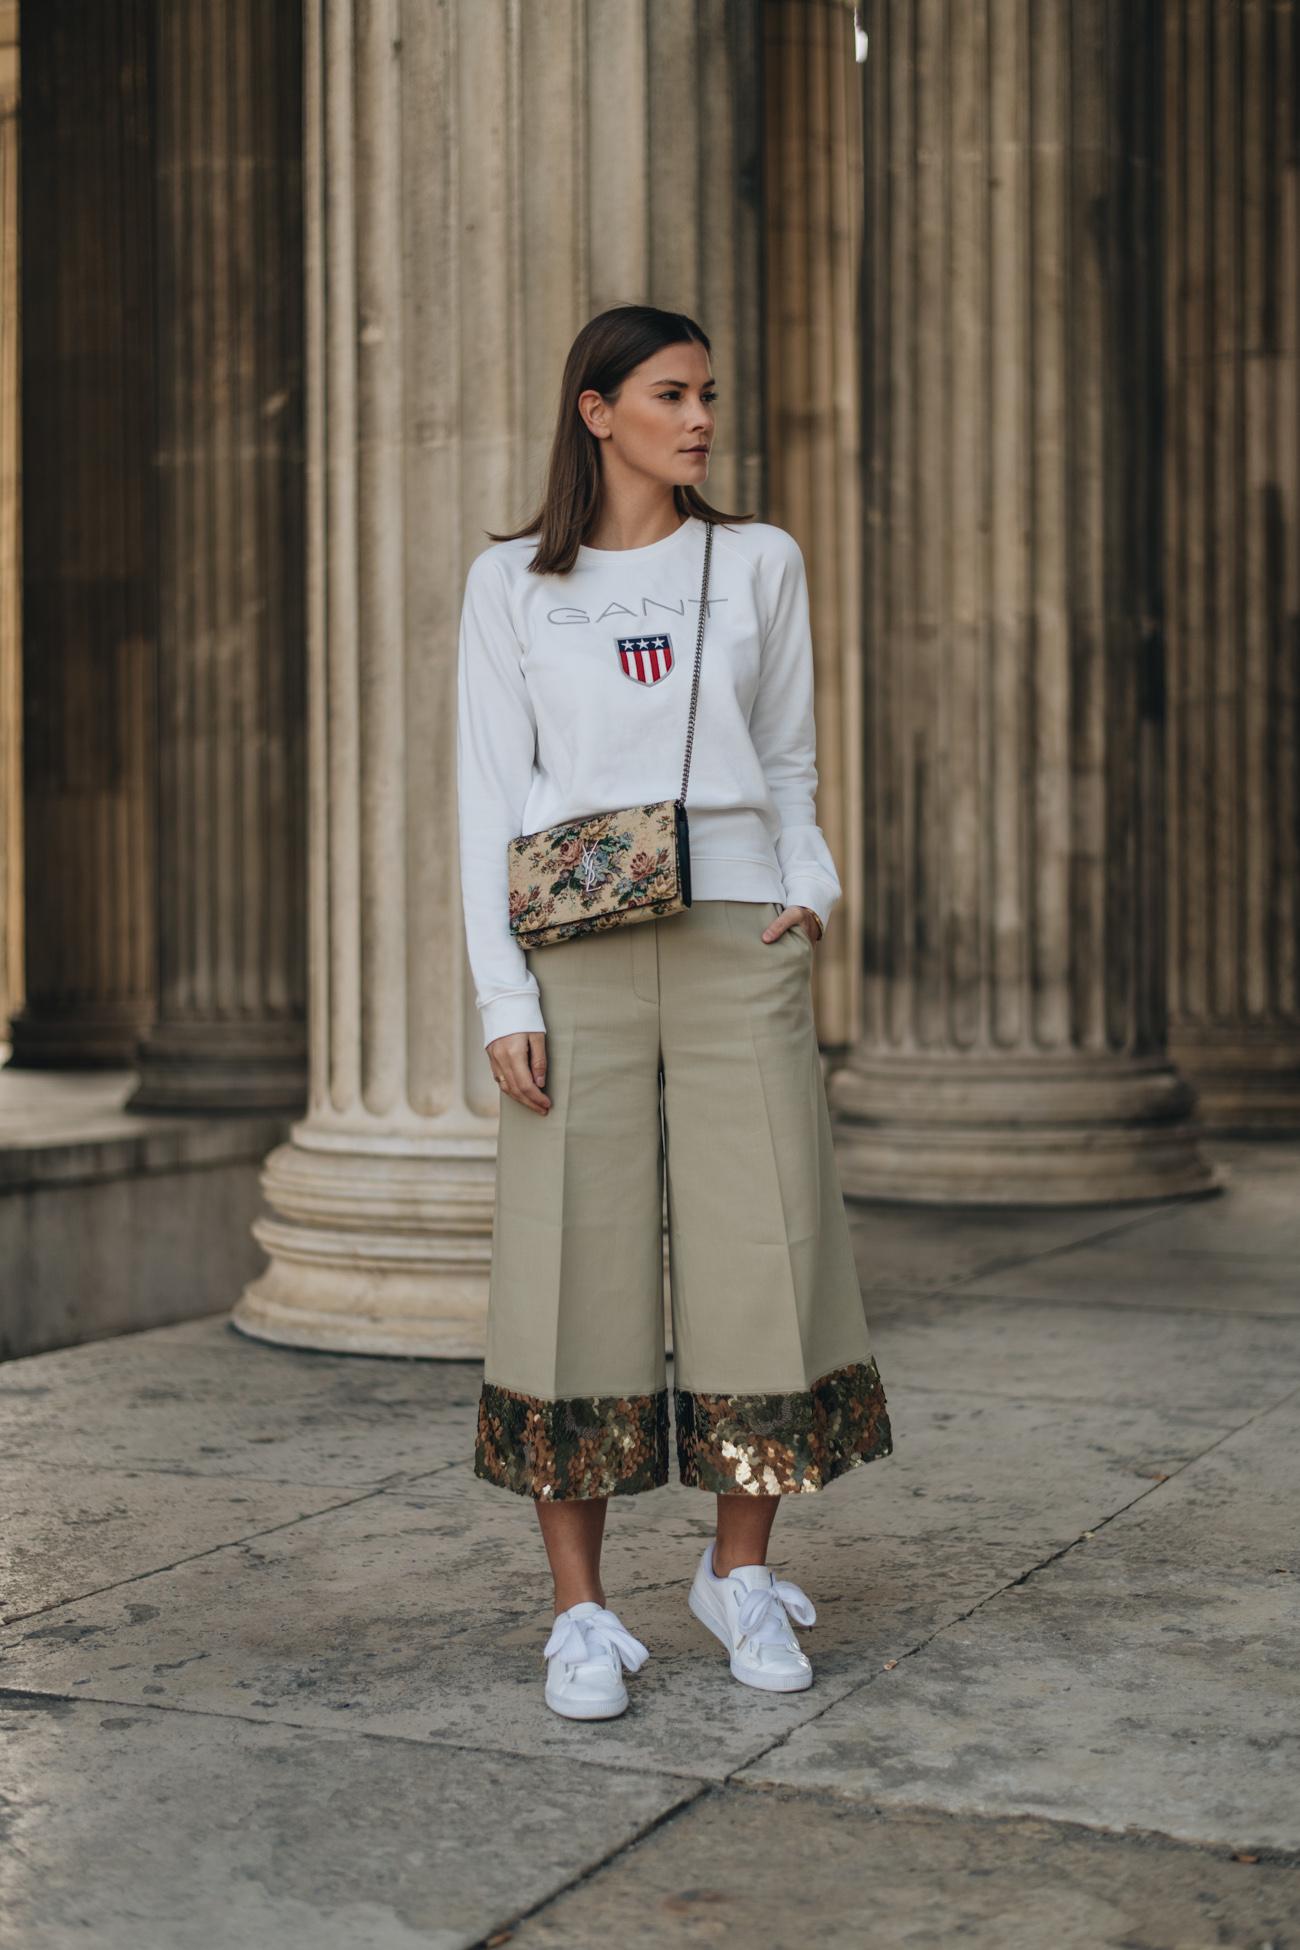 Styling Tipps um eine Culotte im Alltag sportlich zu kombinieren mit weißen Senkern und Sweatershirt